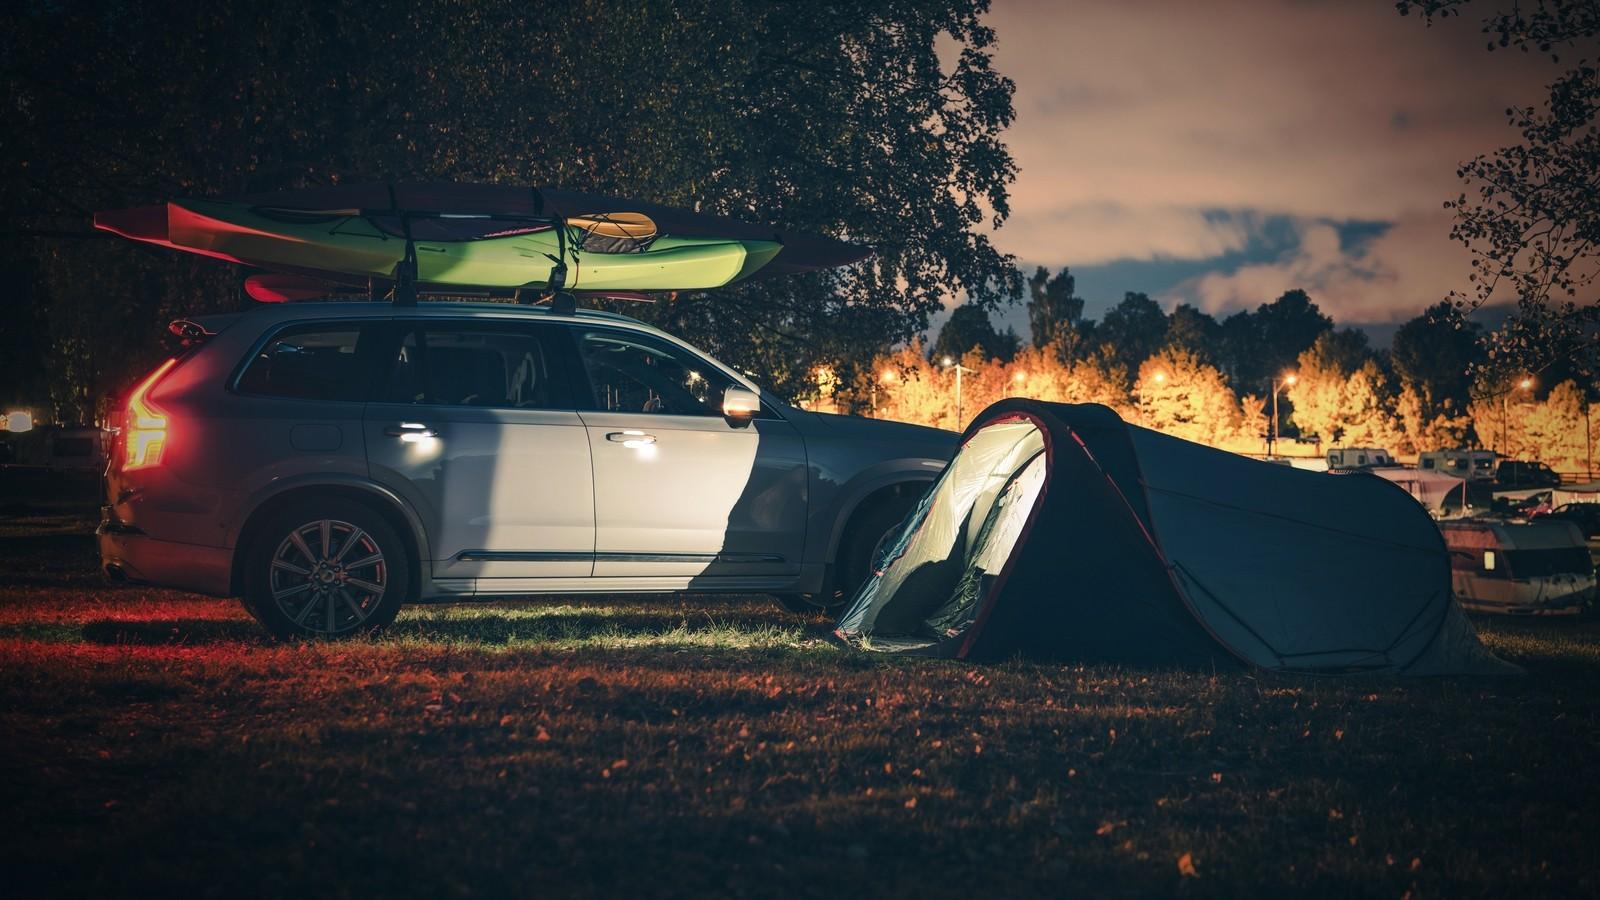 Kayaking Camp at Night